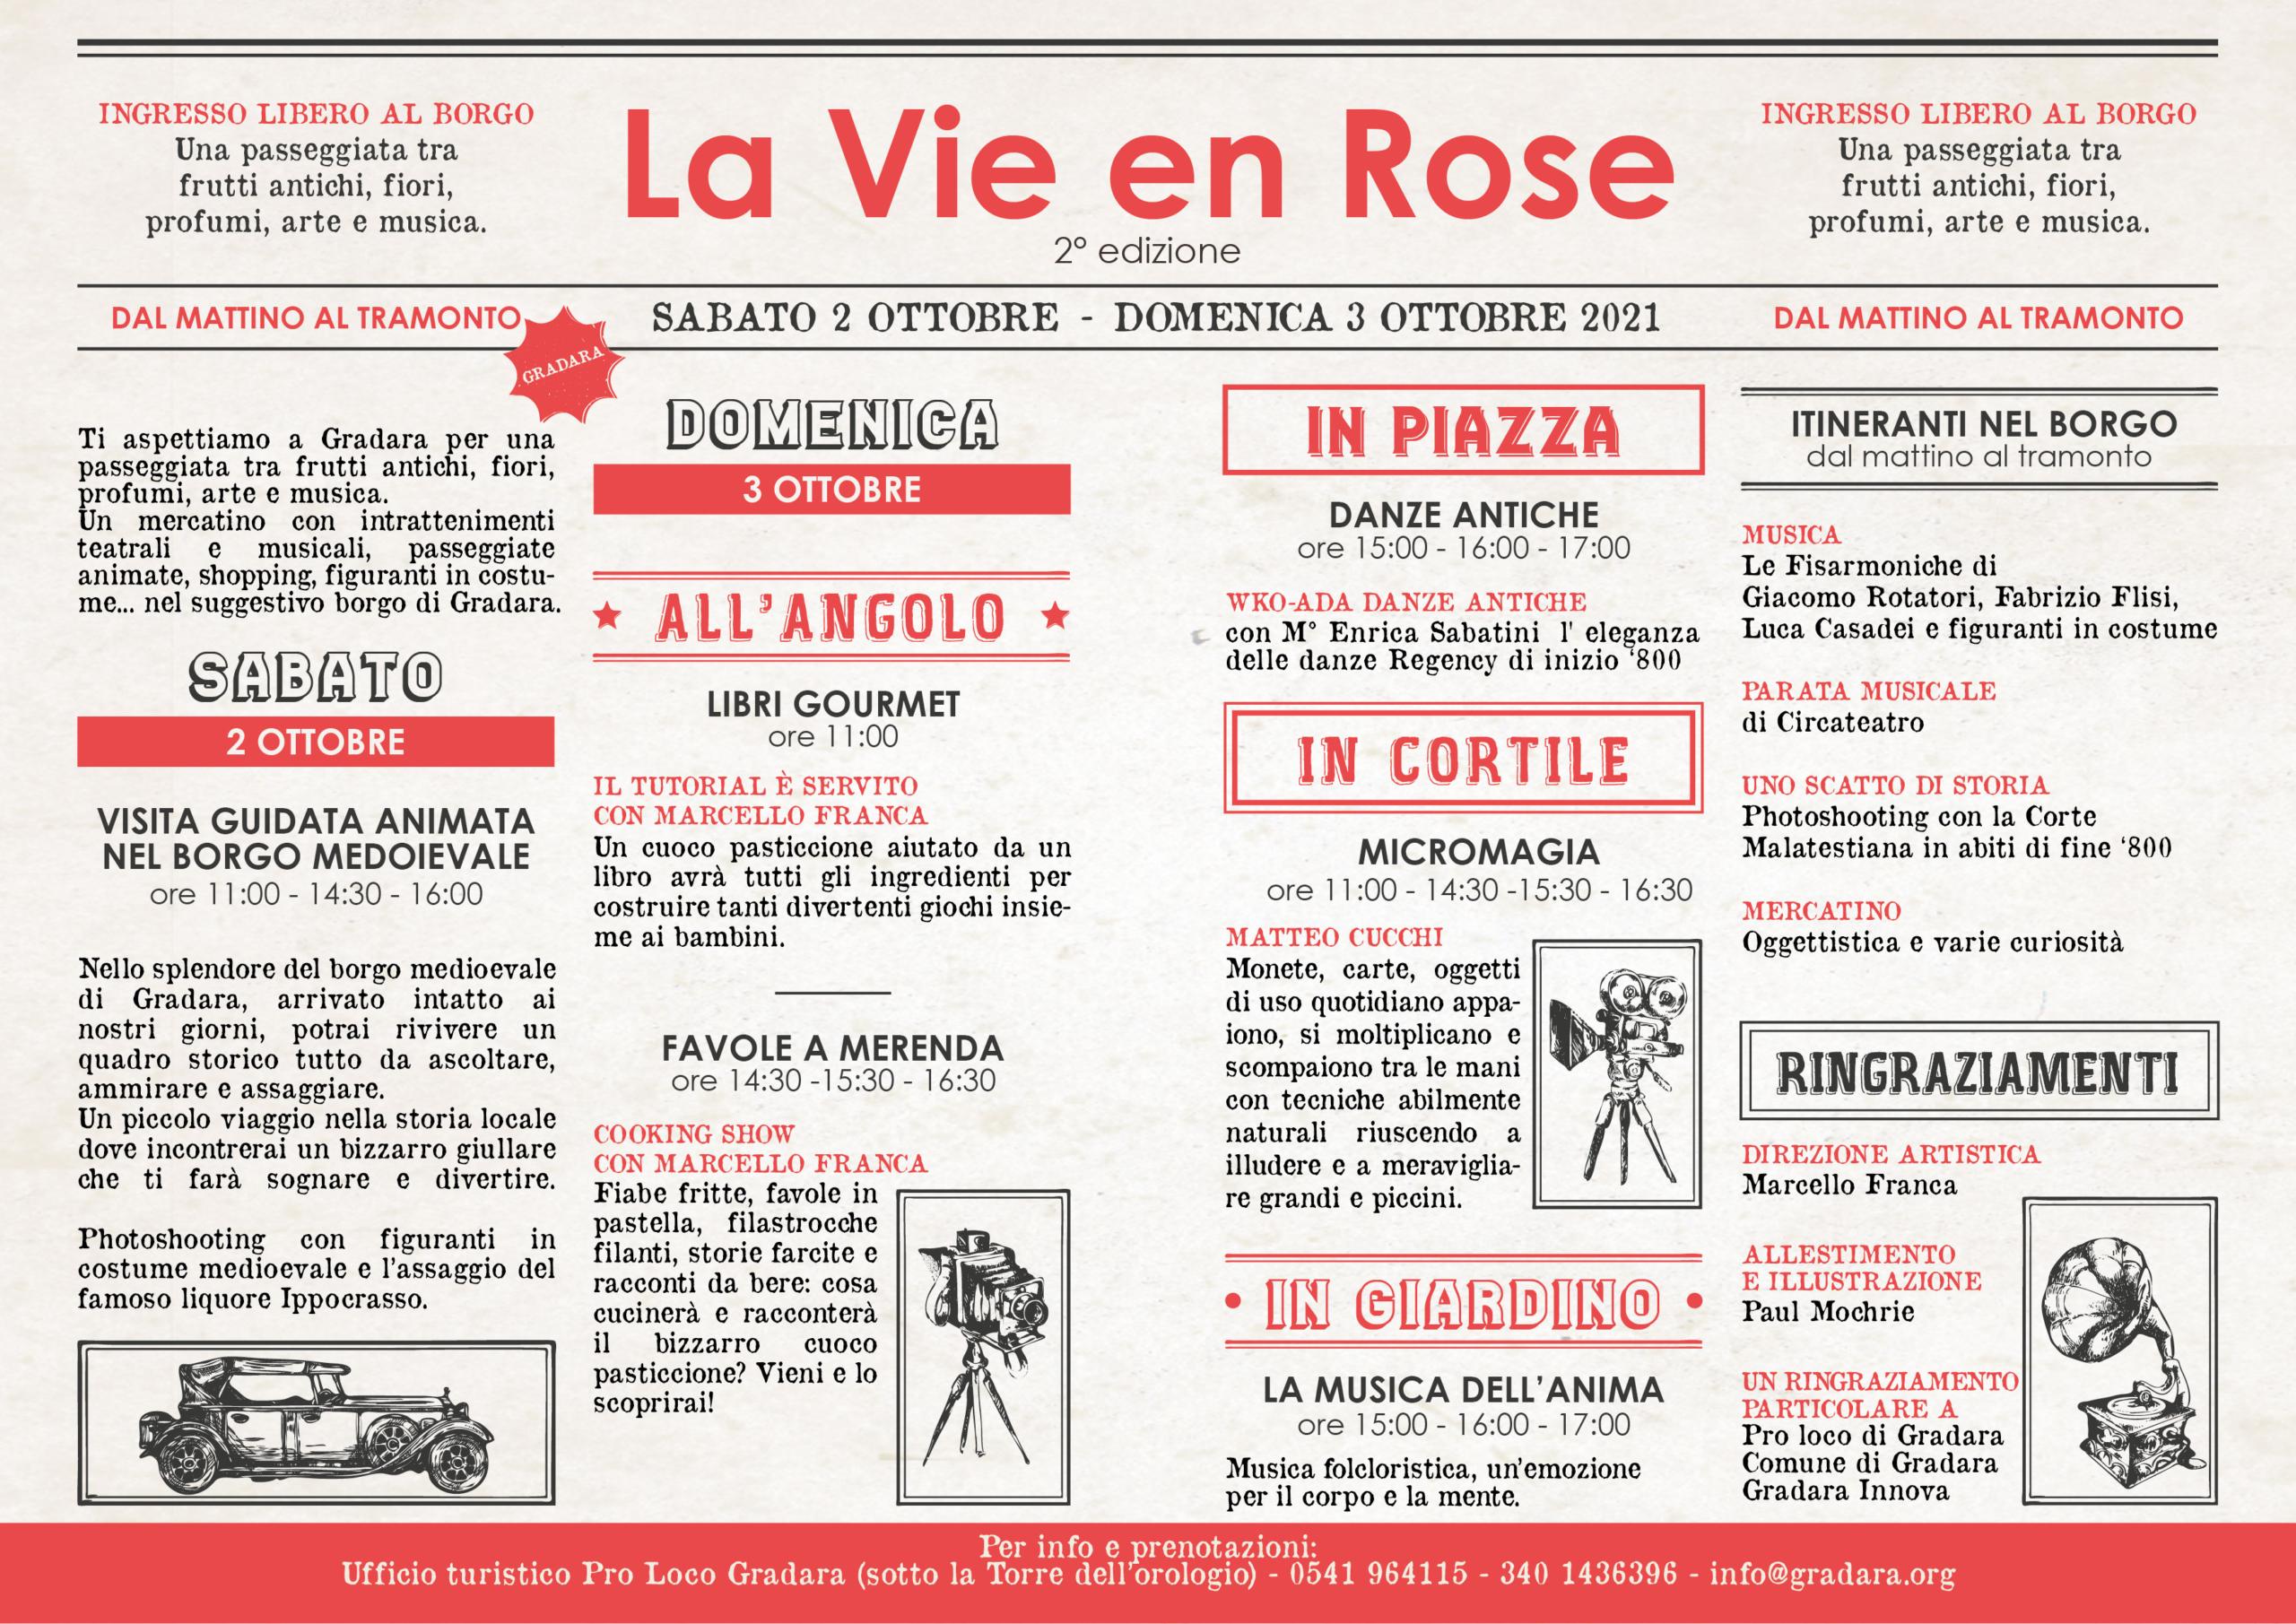 Programma La Vie en Rose